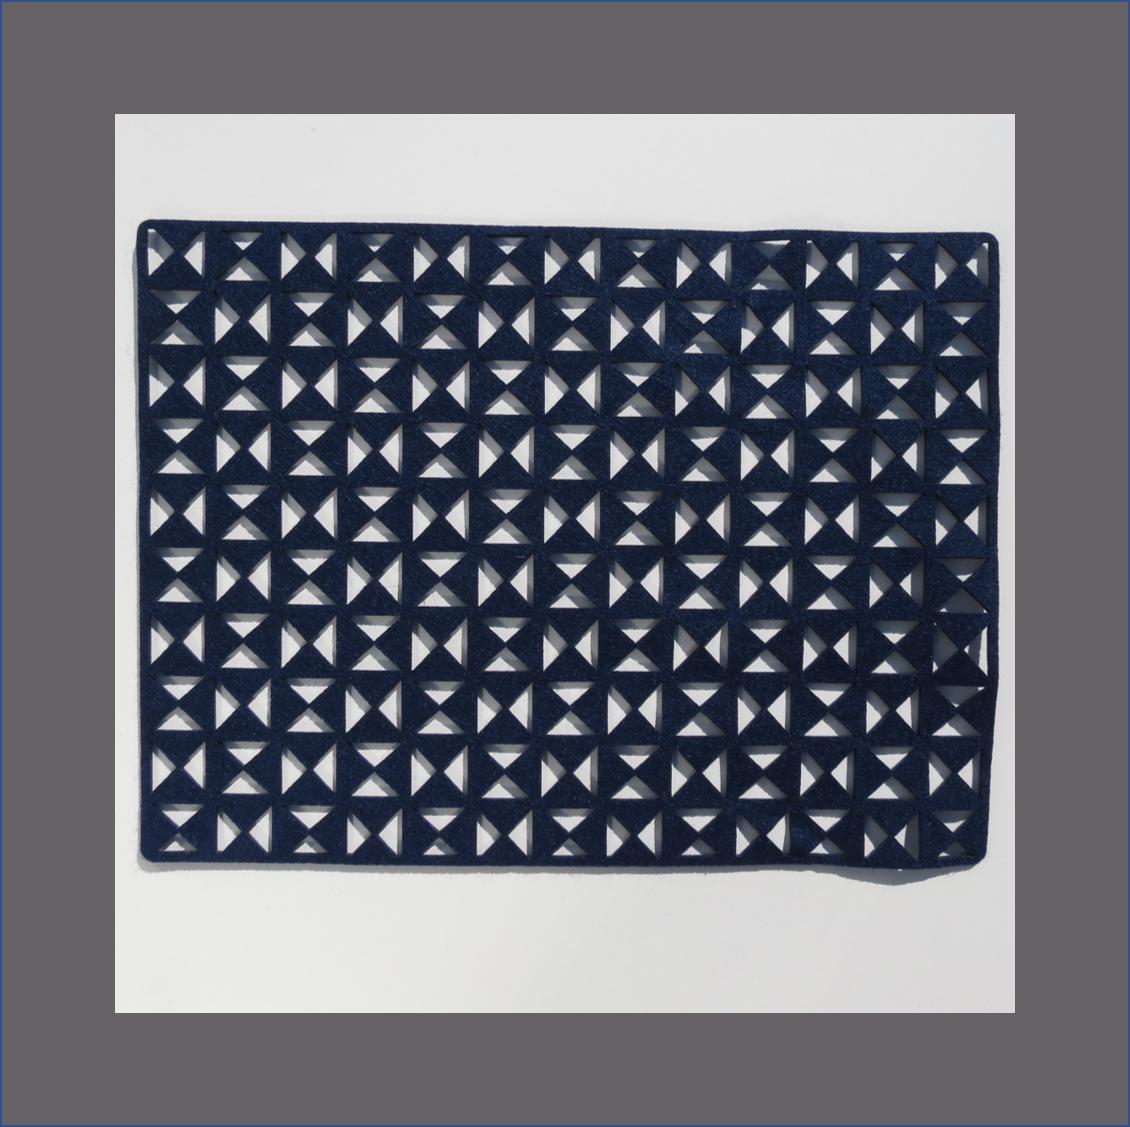 blue-rectangular-placemat-felt